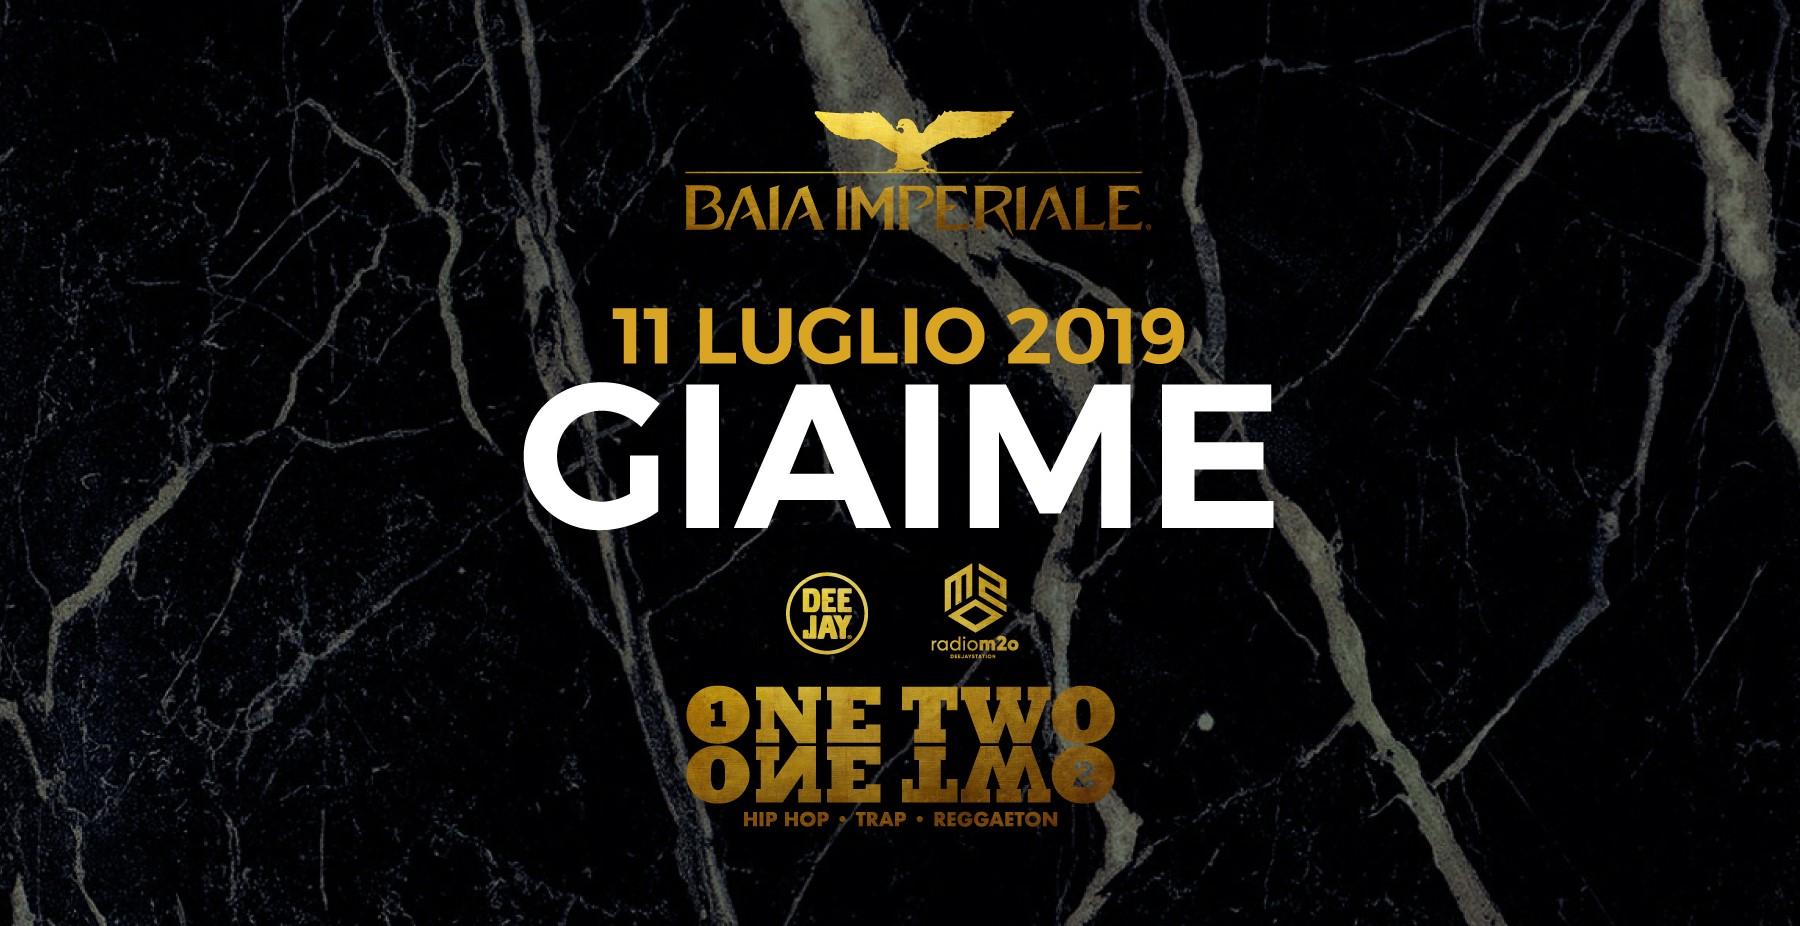 Baia Imperiale – Giaime – Giovedì 11 Luglio 2019 –  Ticket-Biglietti 18app – Tavoli – Pacchetti Hotel